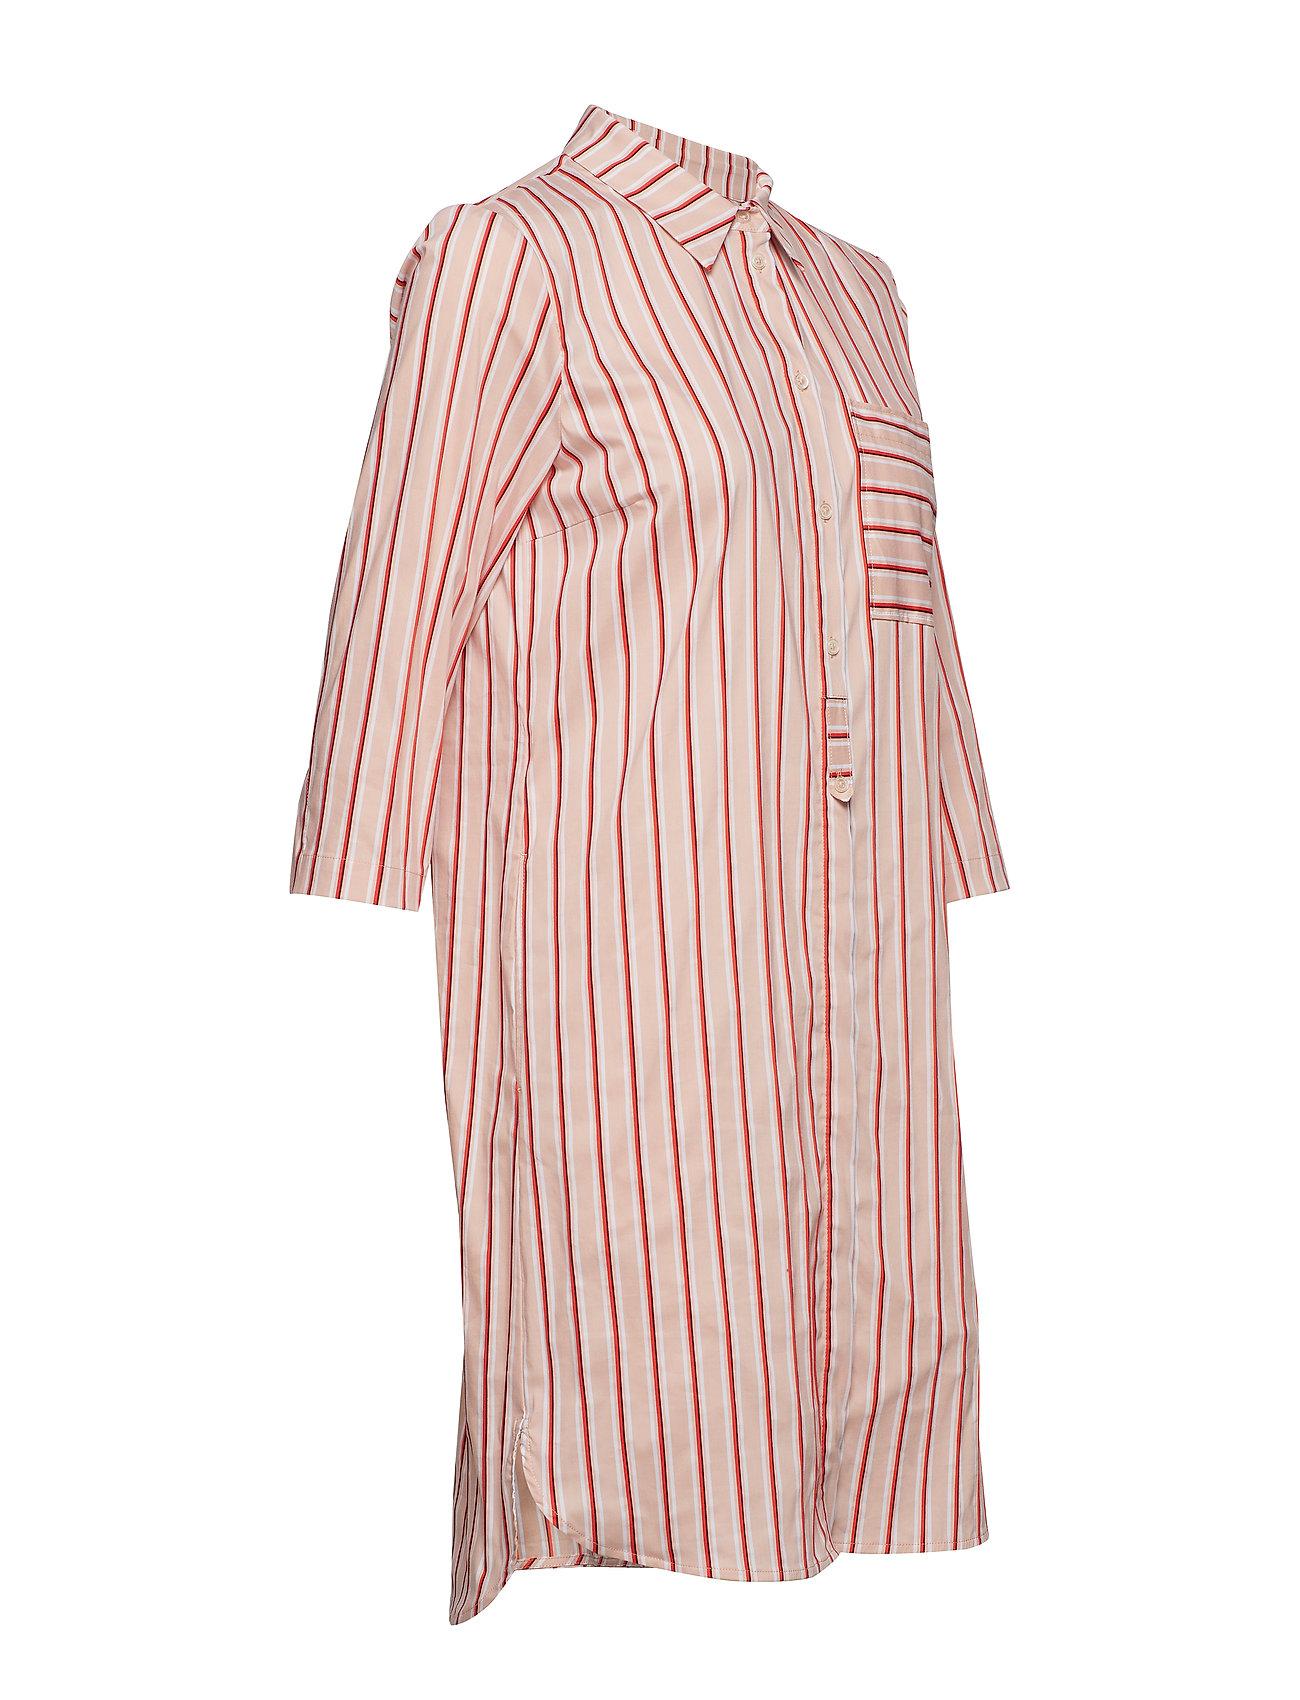 Style Style Shirt Style DresscomboMarc Style O'polo Shirt O'polo DresscomboMarc DresscomboMarc Shirt Shirt O'polo J13TFclK